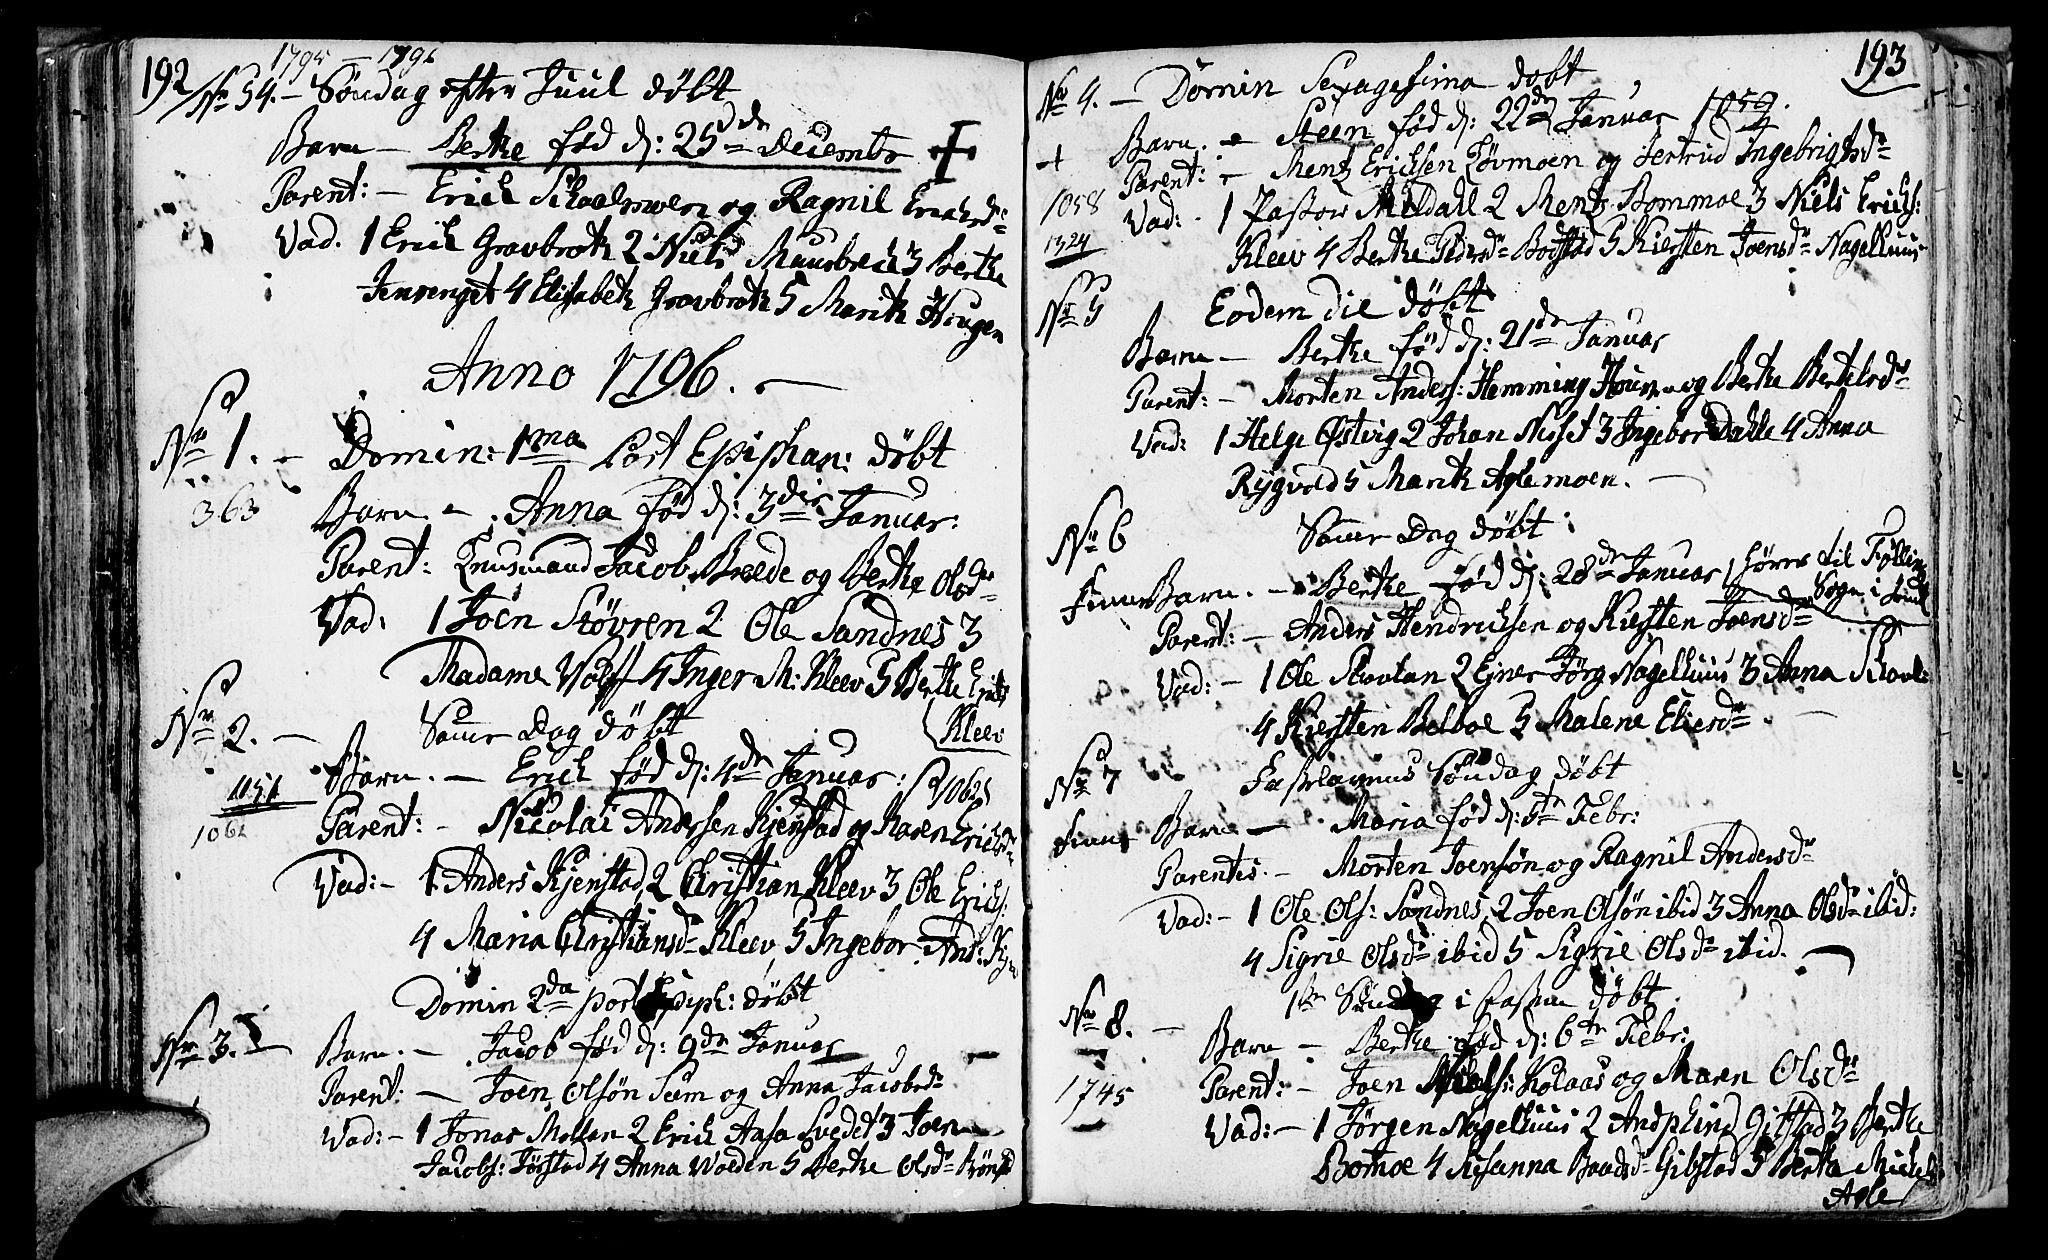 SAT, Ministerialprotokoller, klokkerbøker og fødselsregistre - Nord-Trøndelag, 749/L0468: Ministerialbok nr. 749A02, 1787-1817, s. 192-193